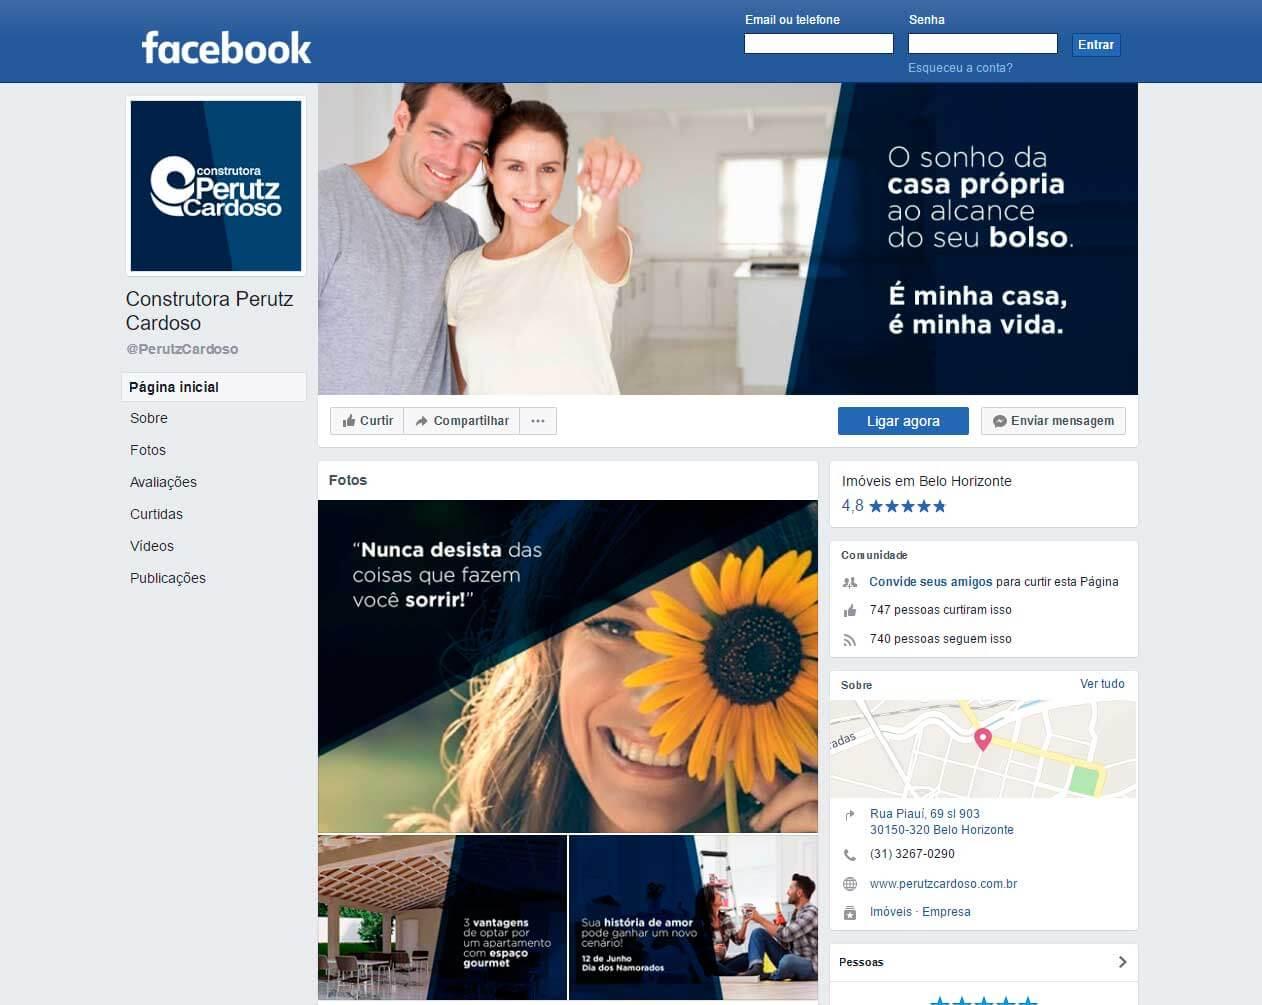 Fanpage Perutz Cardoso